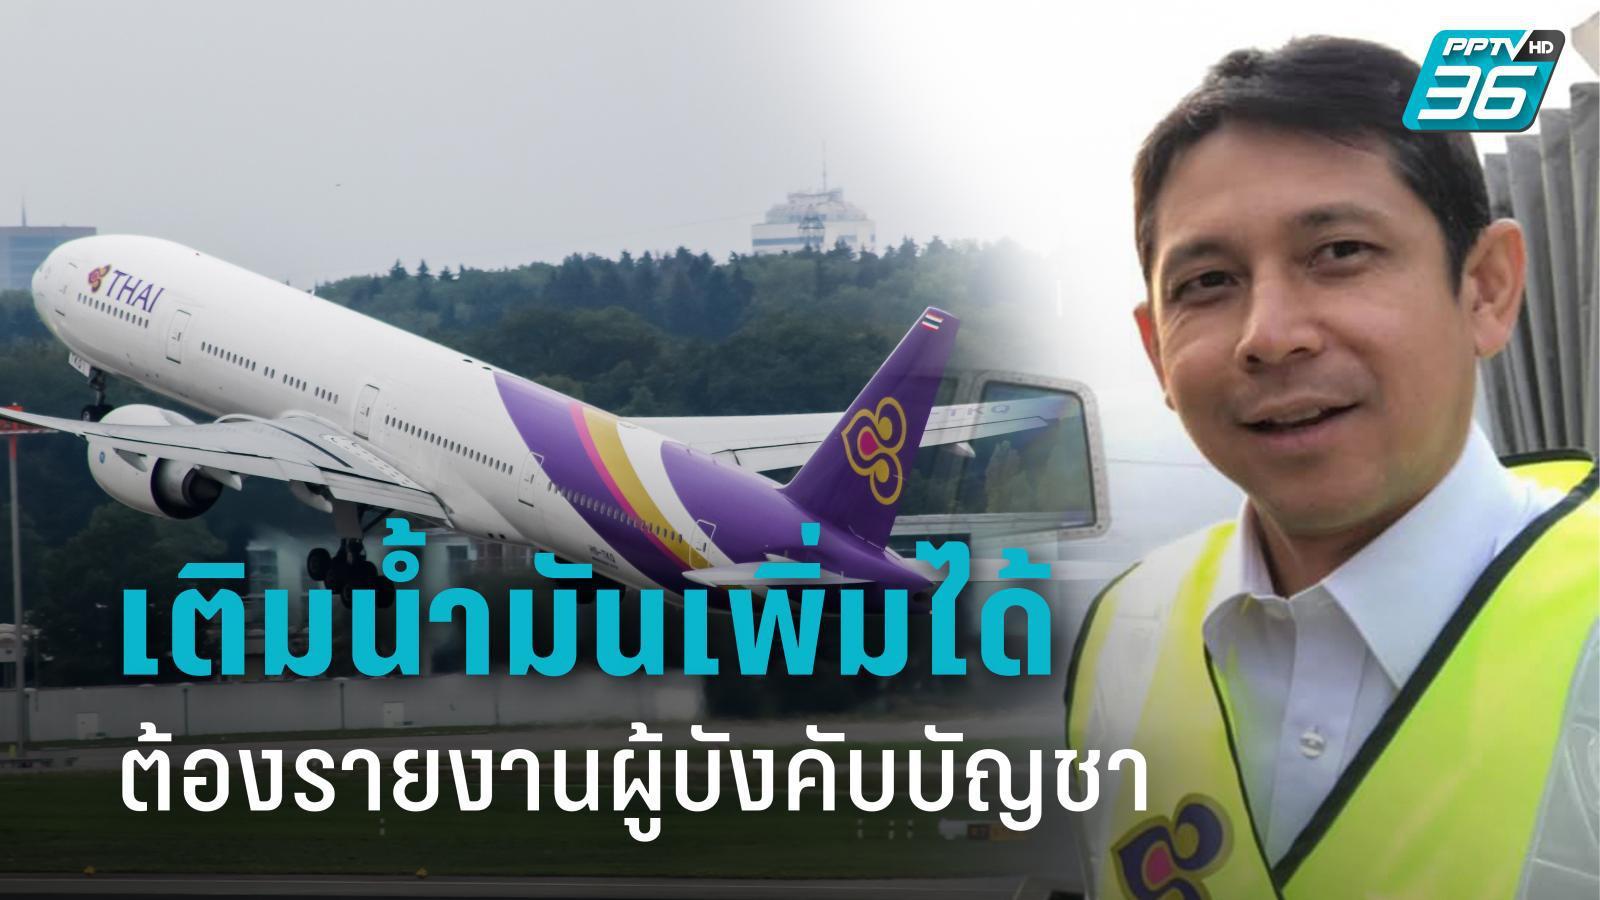 """""""การบินไทย"""" อนุญาตนักบินเติมน้ำมันเพิ่มได้ หลังเจอ """"หมอต้วง"""" แฉชุดใหญ่"""